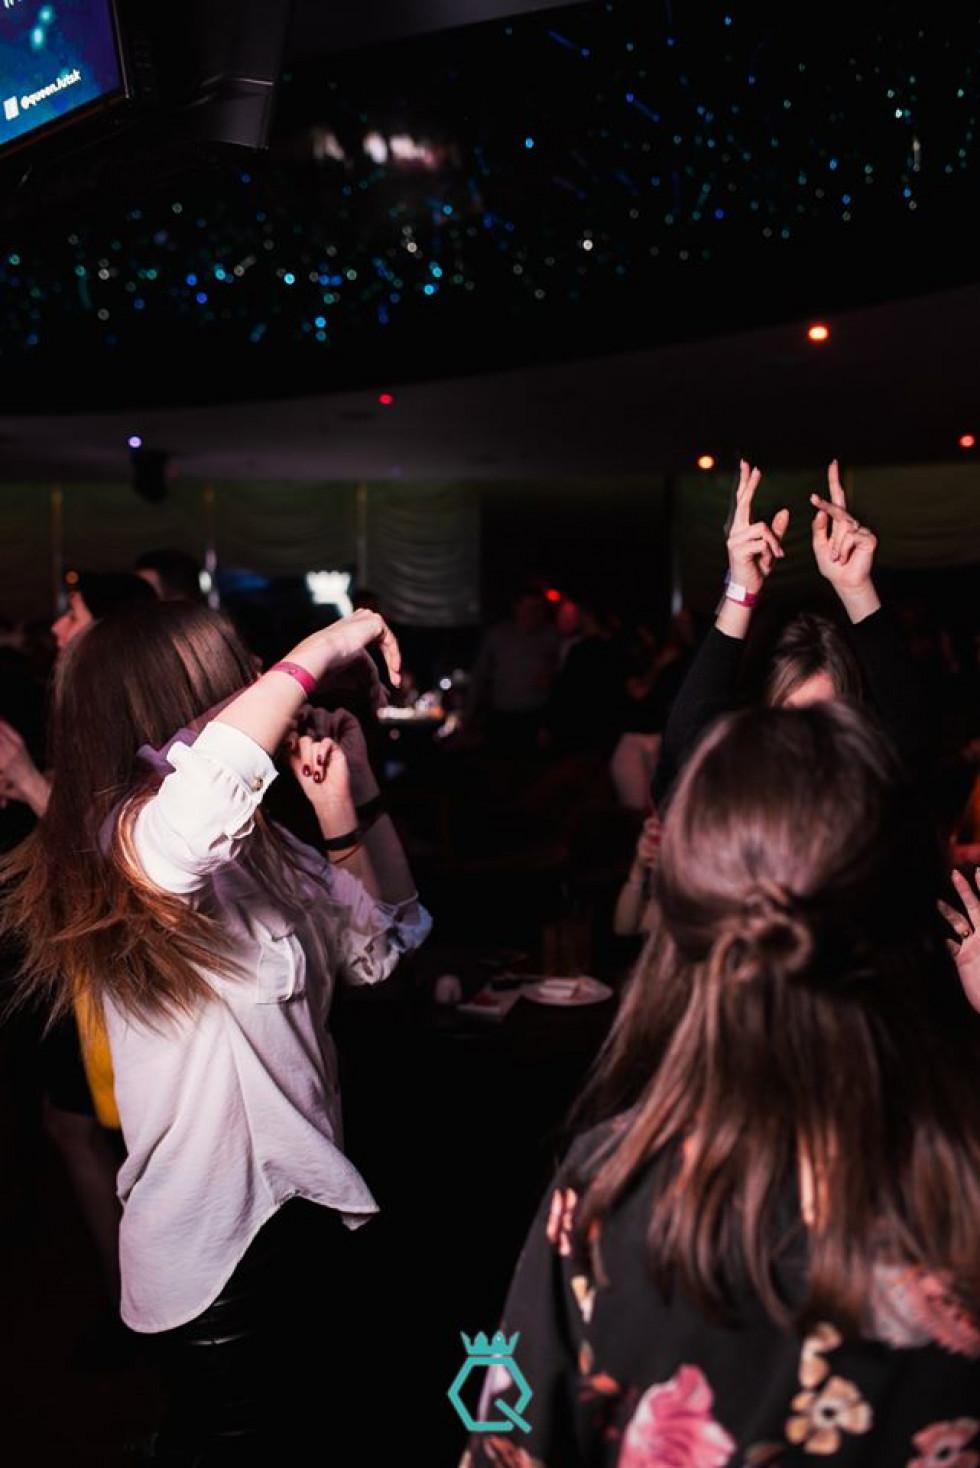 День народження, саксофон і танці: як зустрічали весну в луцькому клубі